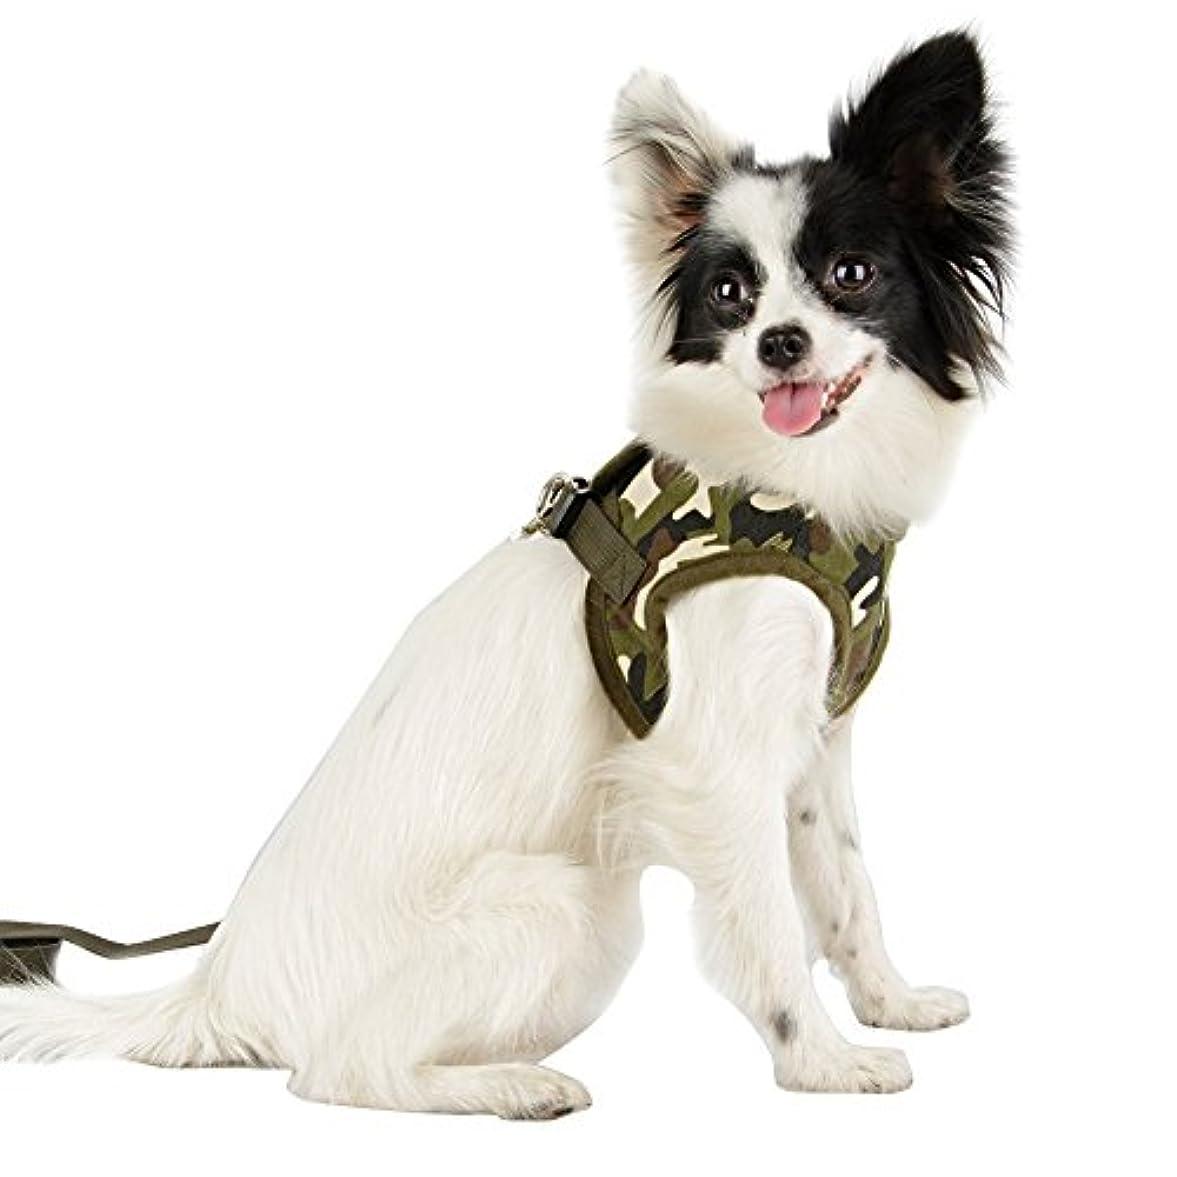 バインドに勝る余剰ペット用品 犬用 胴輪 ハーネス ポリエステル製 通気性がある 脱着防止 負担軽減 リード付き 全5色 サイズM/L/XL (M, 迷彩)